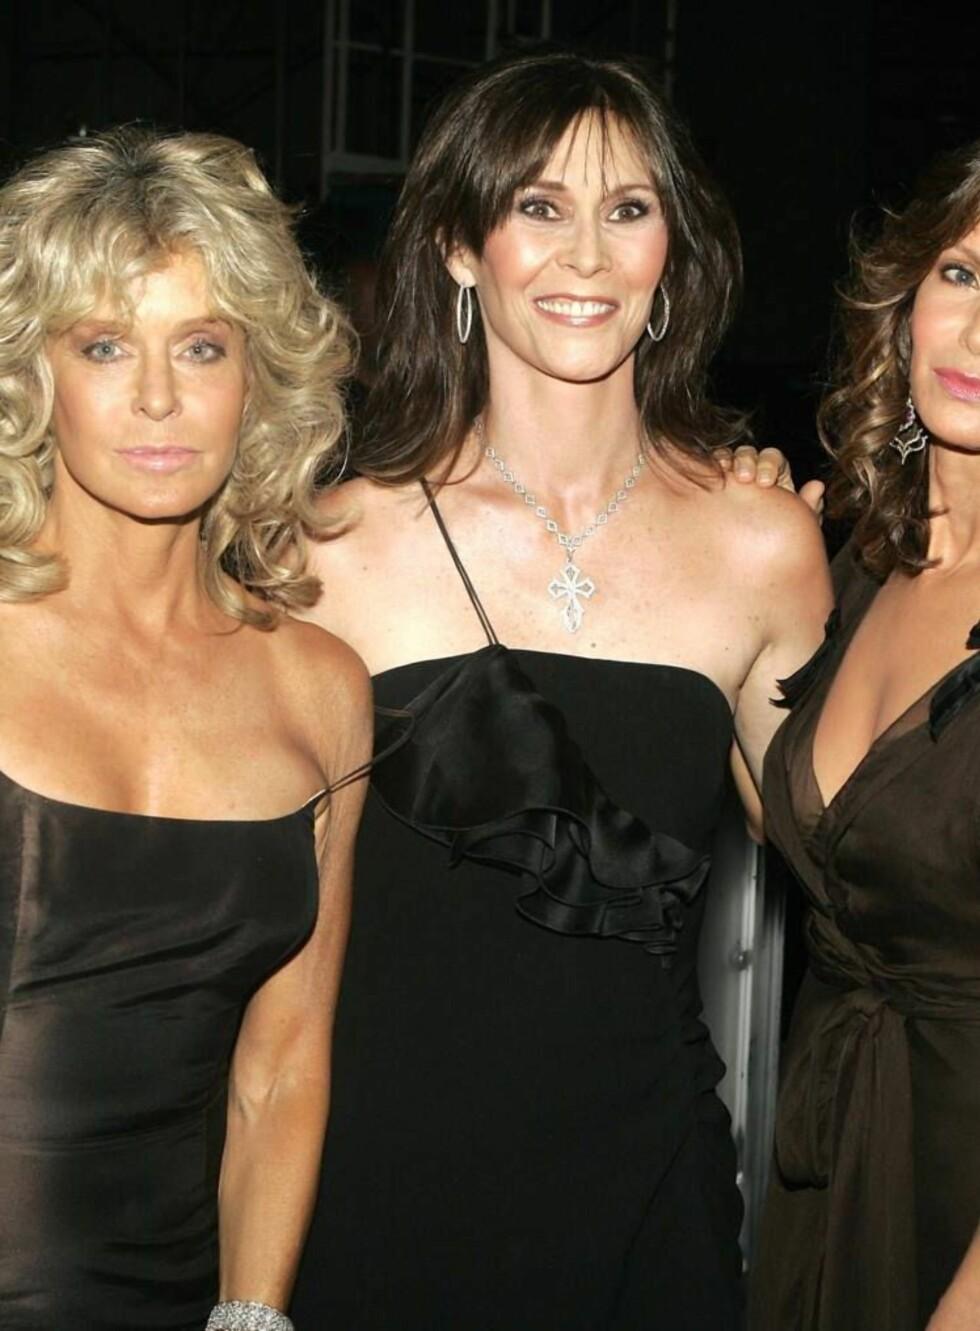 STRAM I MASKA: Det er ikke godt å se at denne trioen er nærmere 60 år. Men både Farrah (t.v.), Kate og Jaclyn er ganske så stive i maska...  Foto: STELLA PICTURES